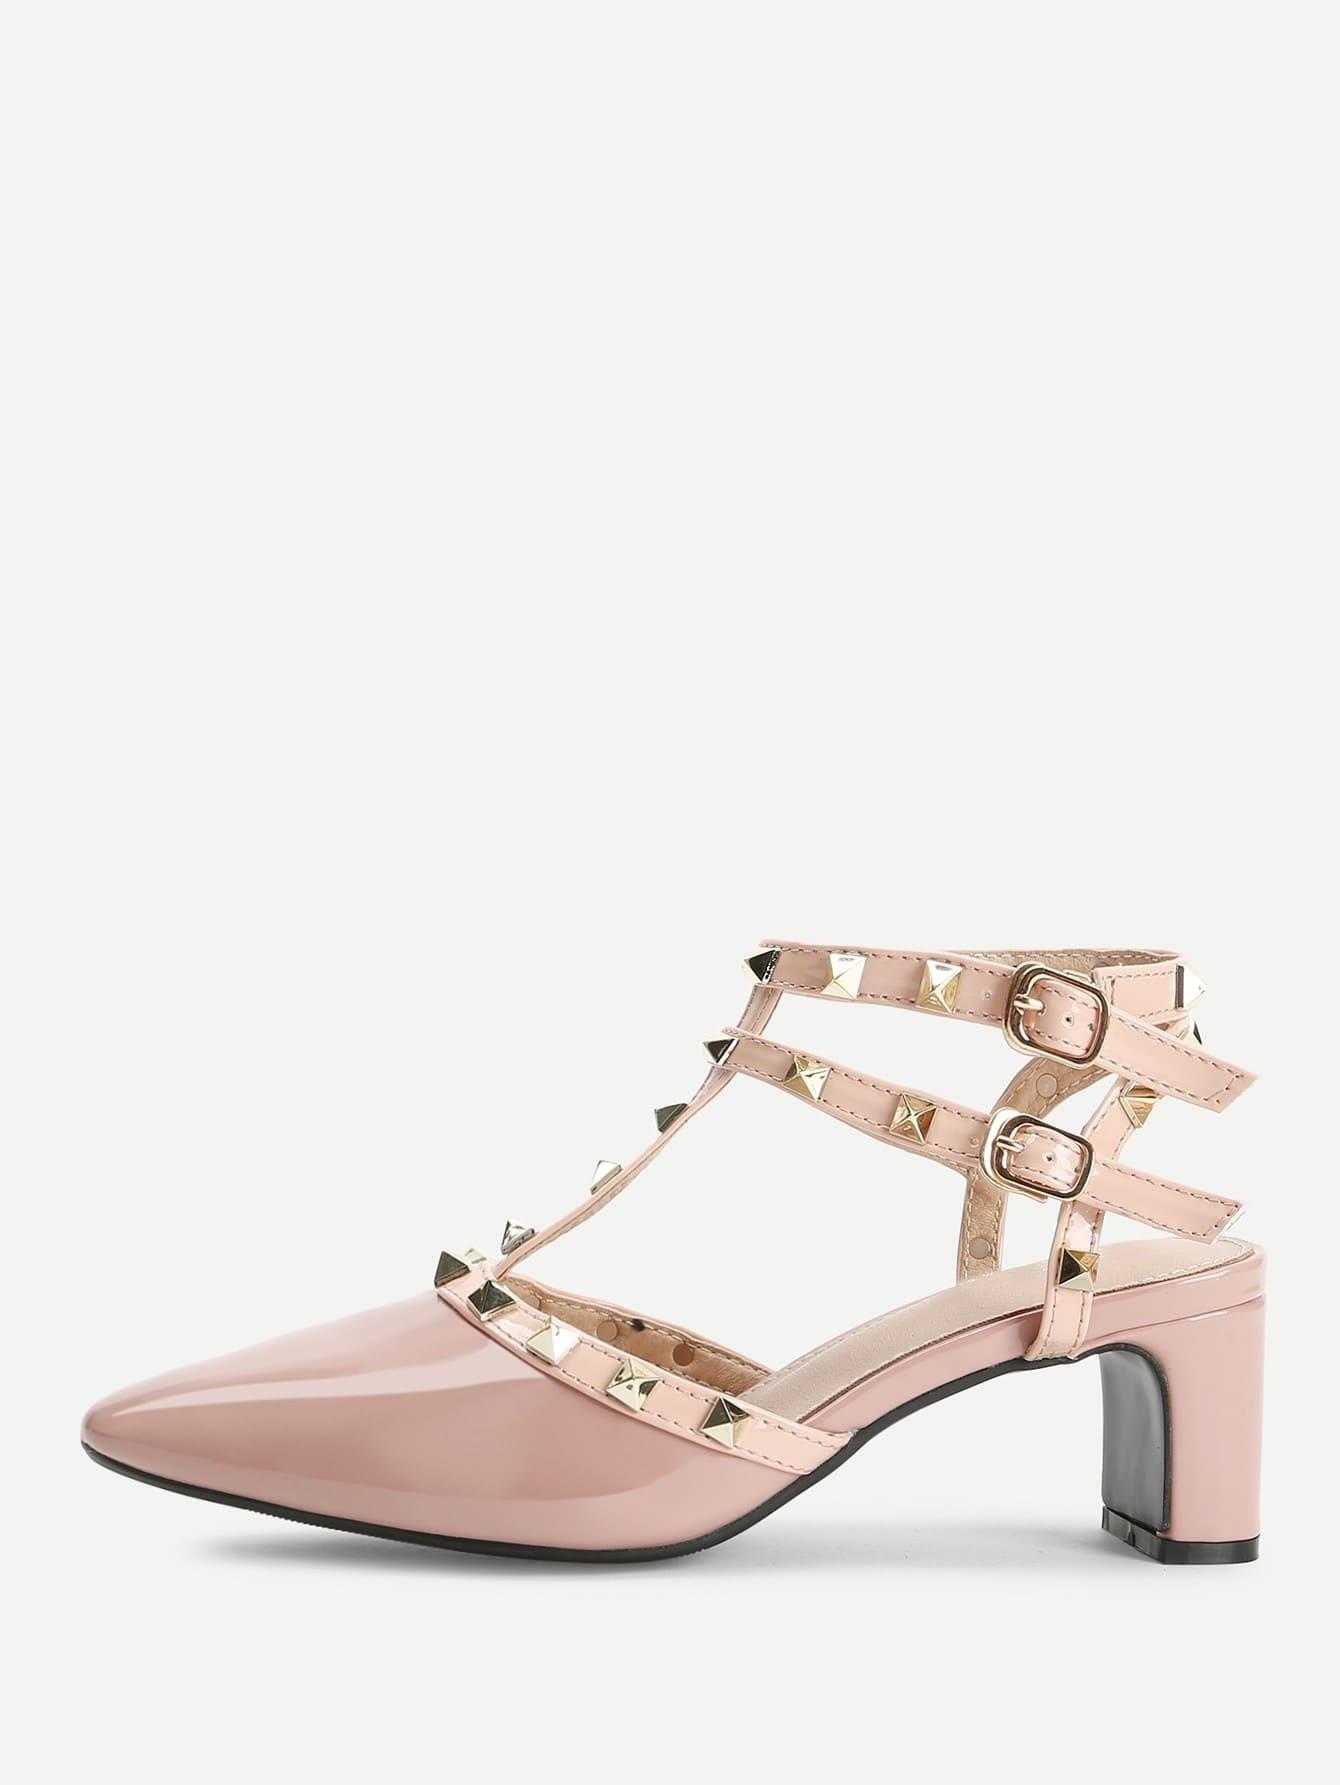 Rivet Detail Gladiator Chunky Heels rivet detail gladiator chunky heels